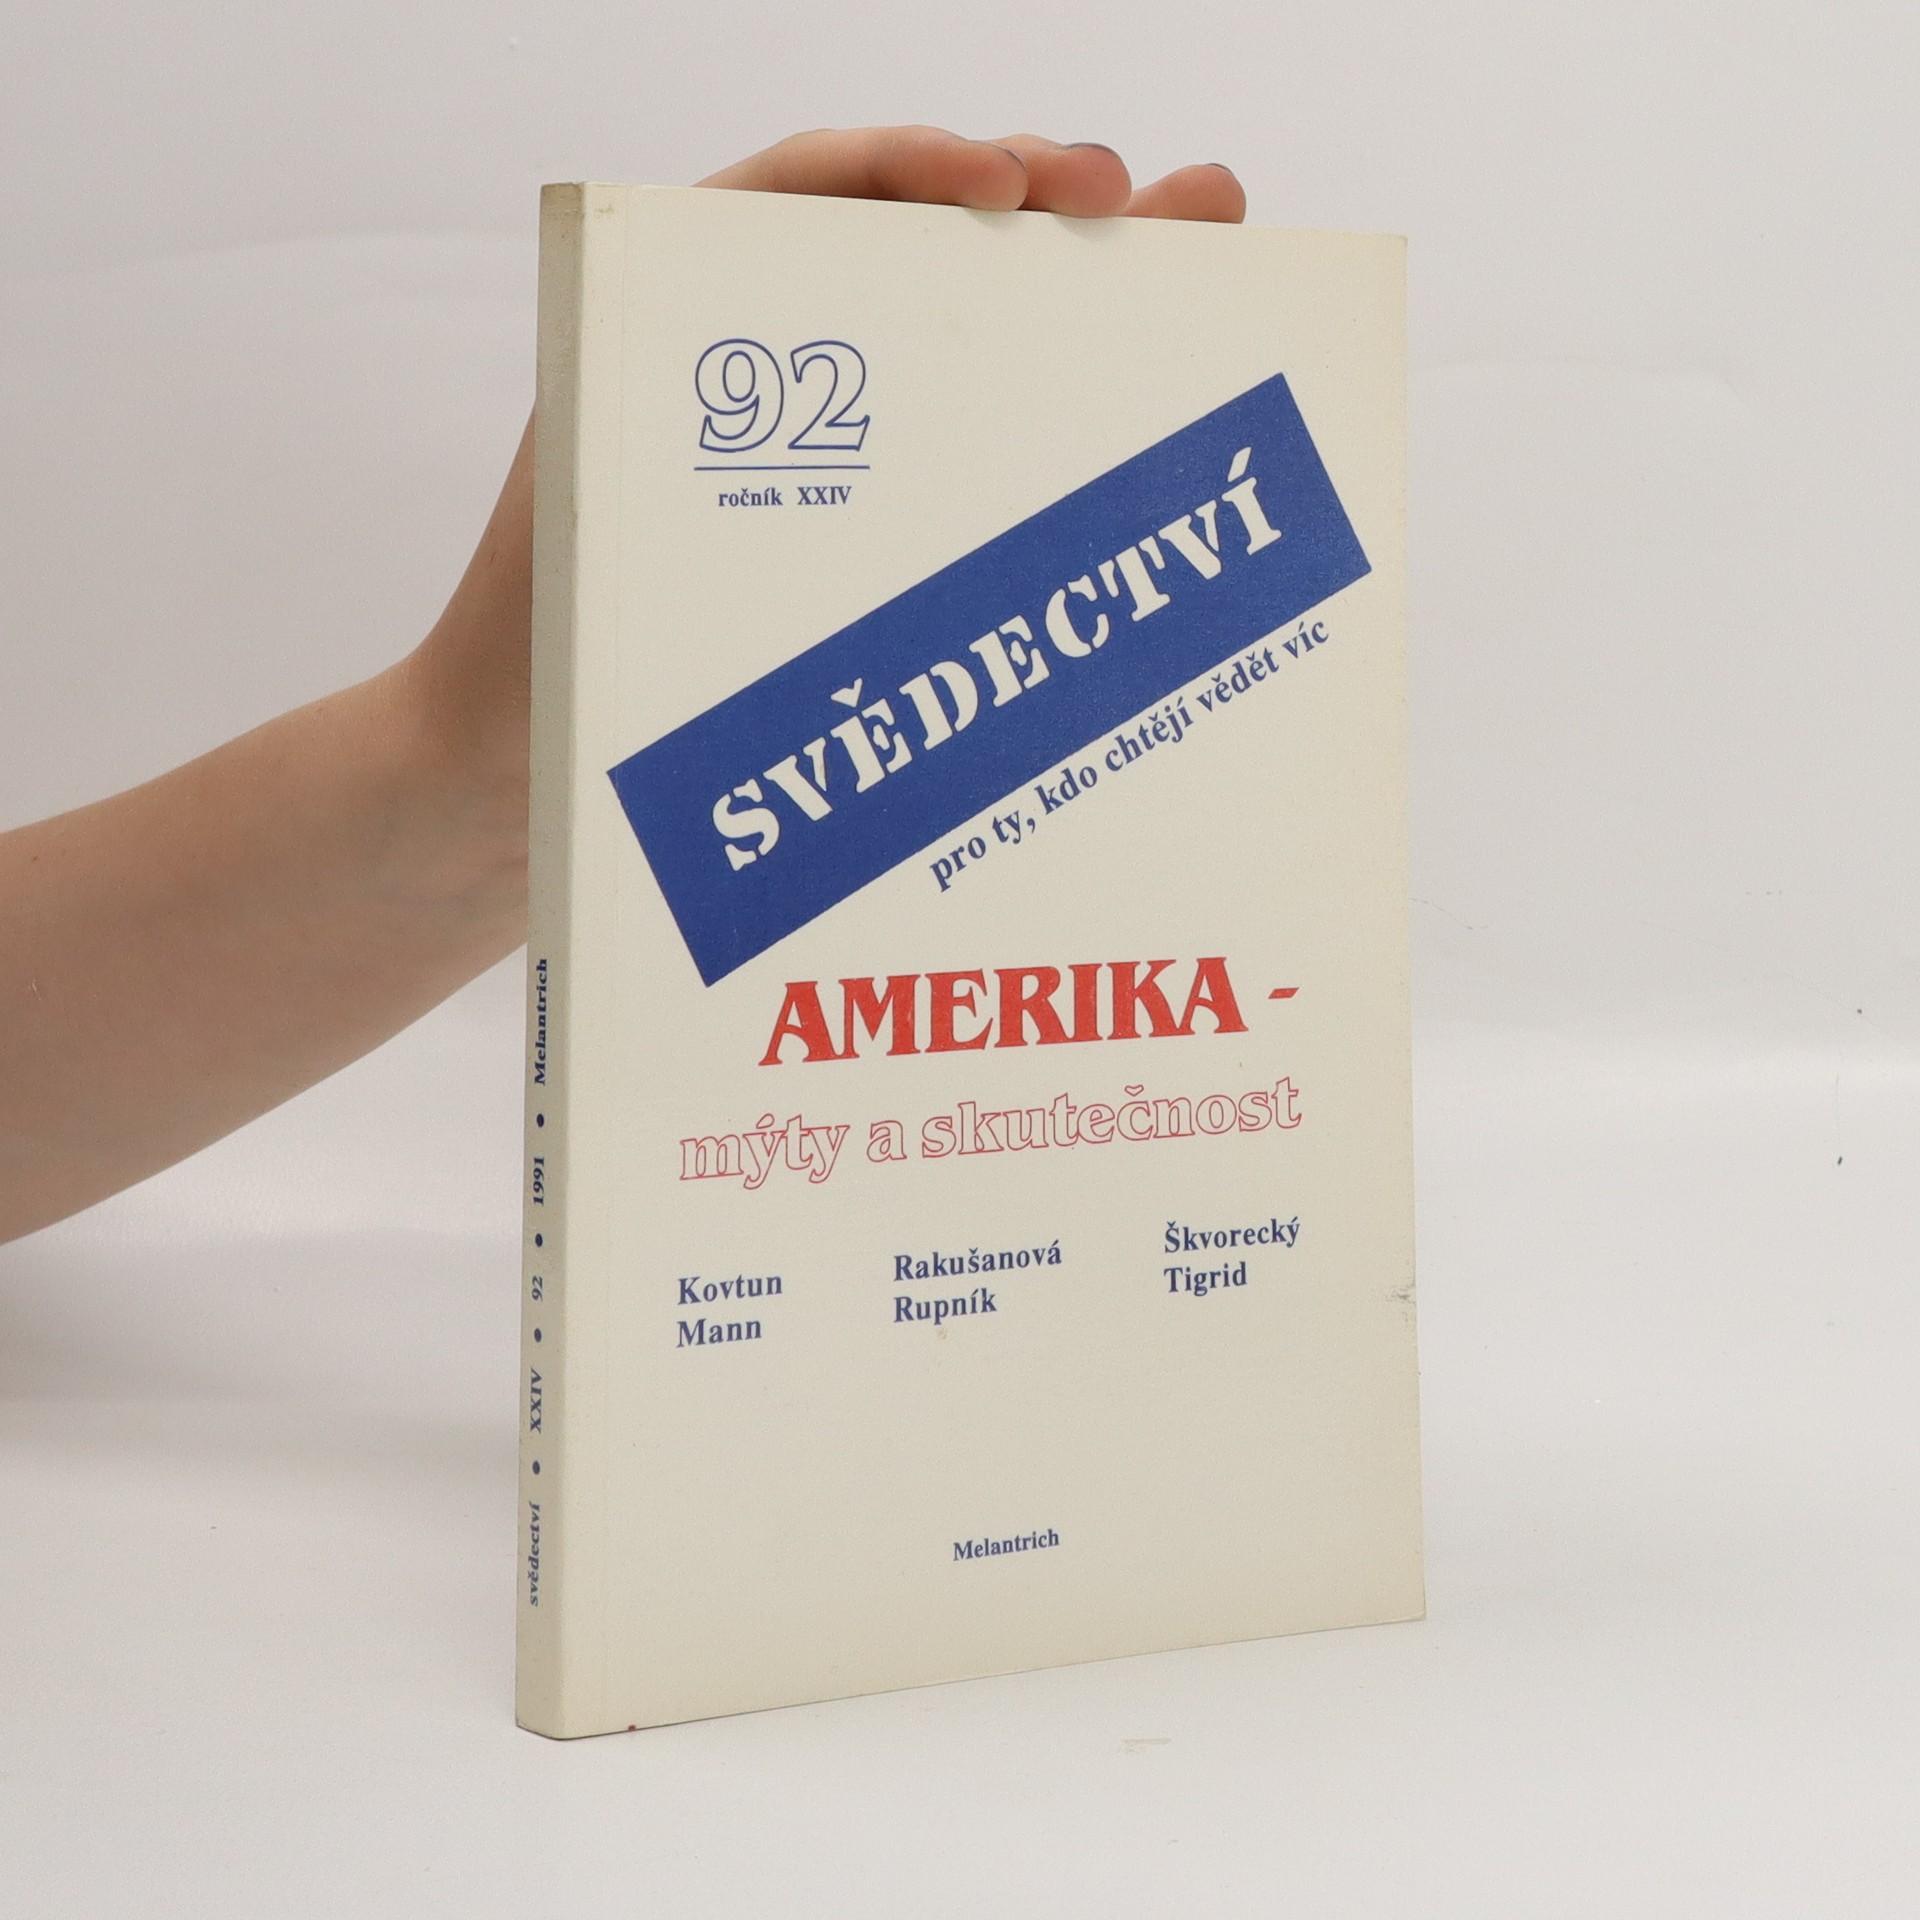 antikvární kniha Amerika - mýty a skutečnost. Svědectví. Roč.24, číslo 92, 1991